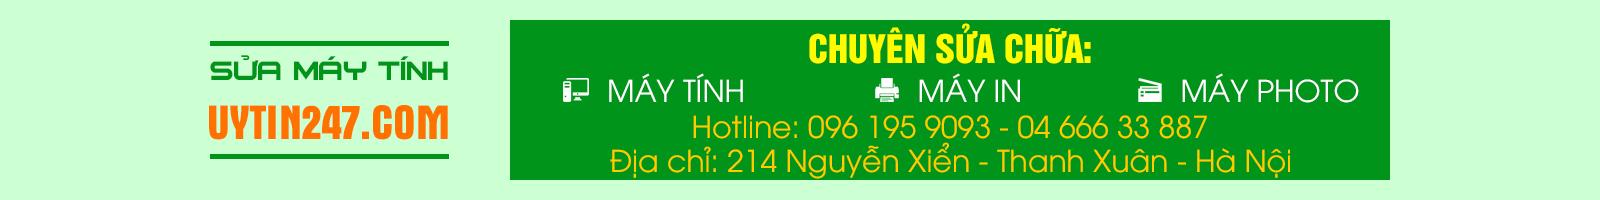 Dịch vụ sửa chữa máy tính An Khang tại Hà Nội - 0961959093